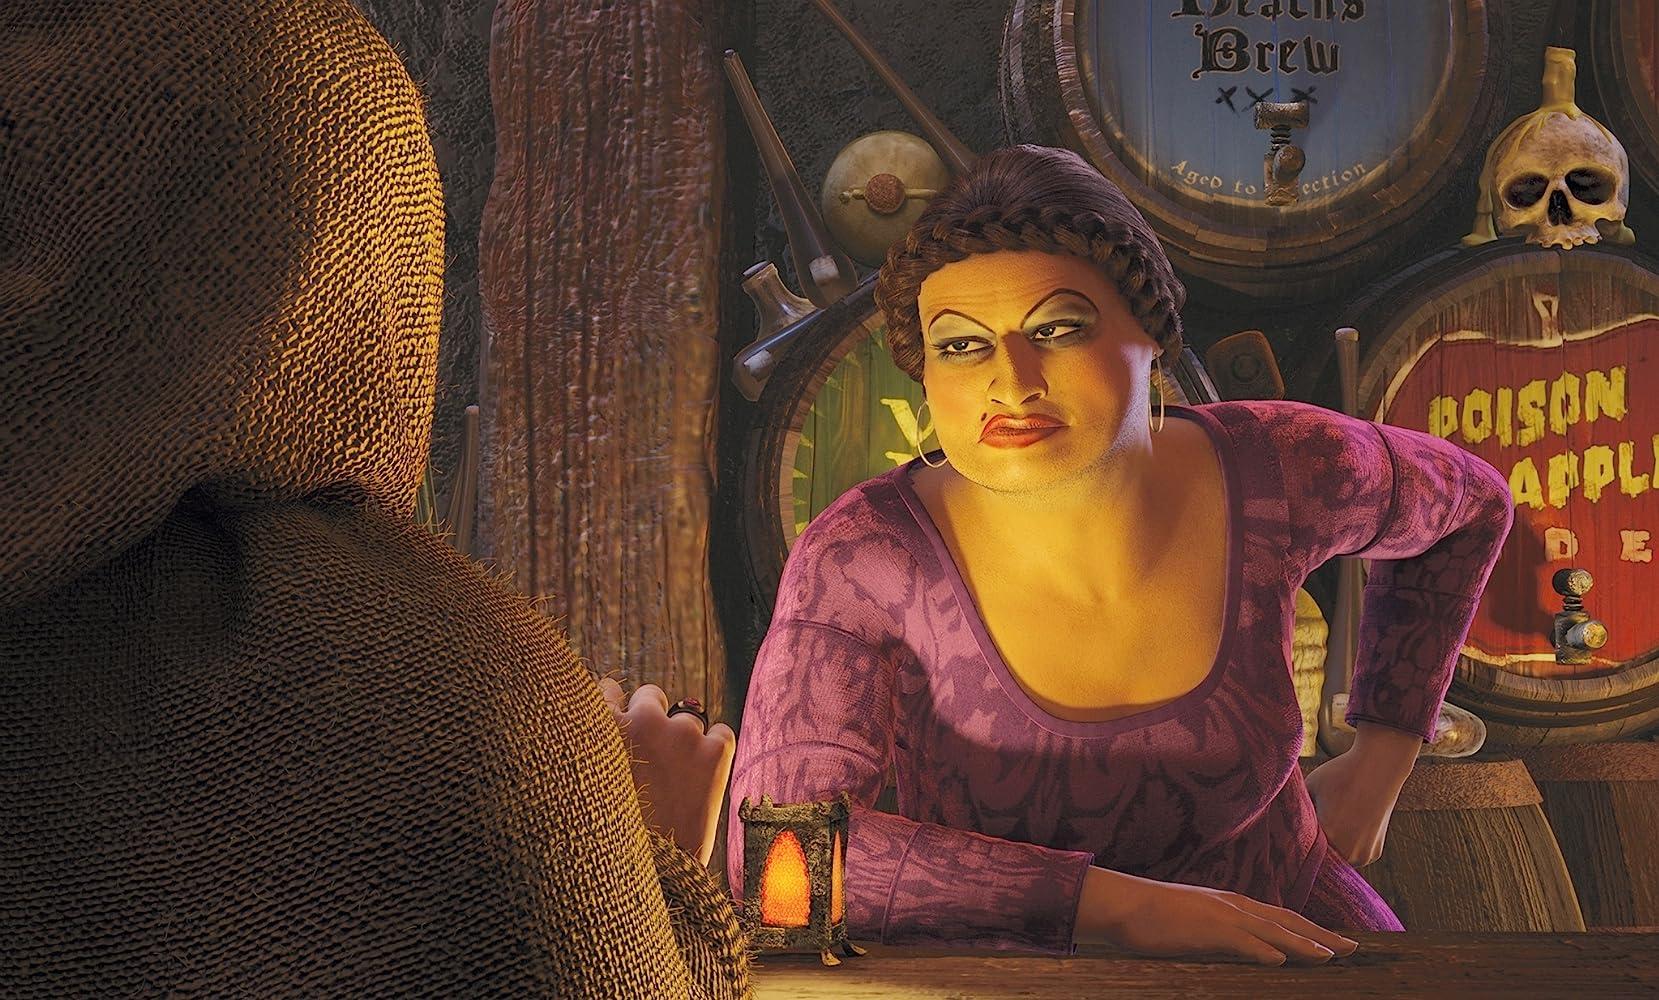 Shrek 2 Movie Review